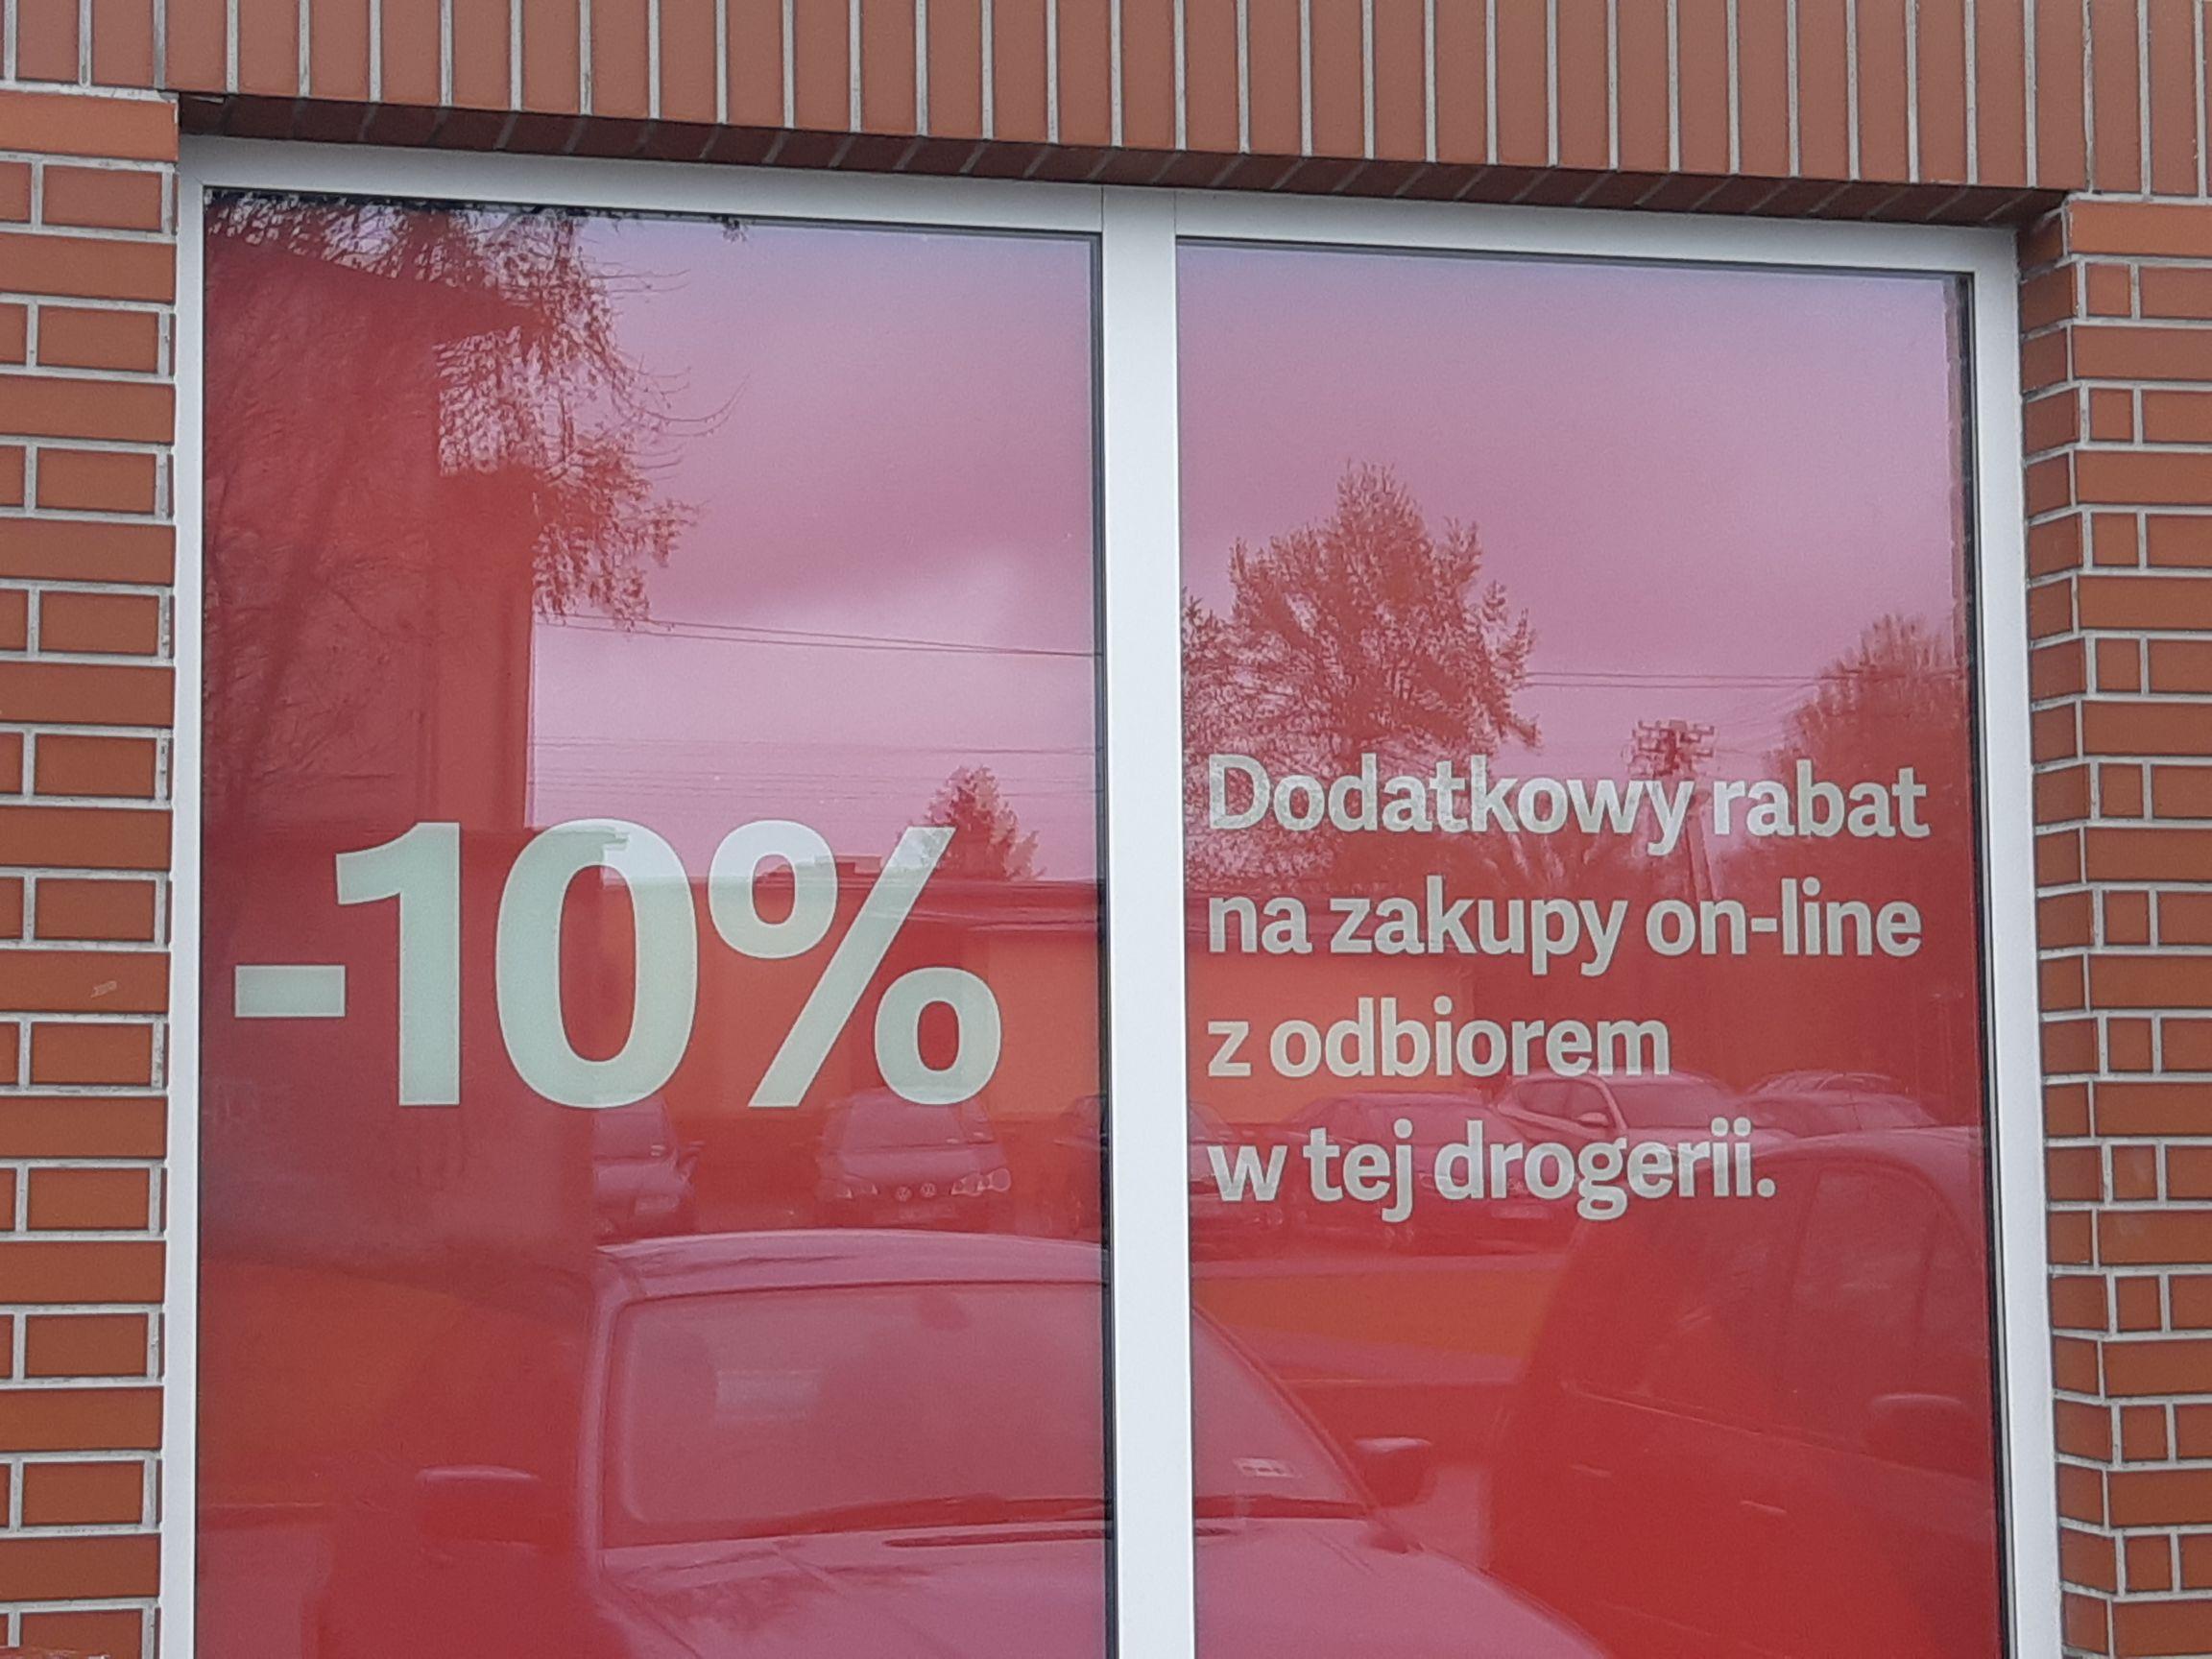 Rossmann - Kuźnia Raciborska (-10% online, rabaty do 60%, darmowy makijaż i inne)